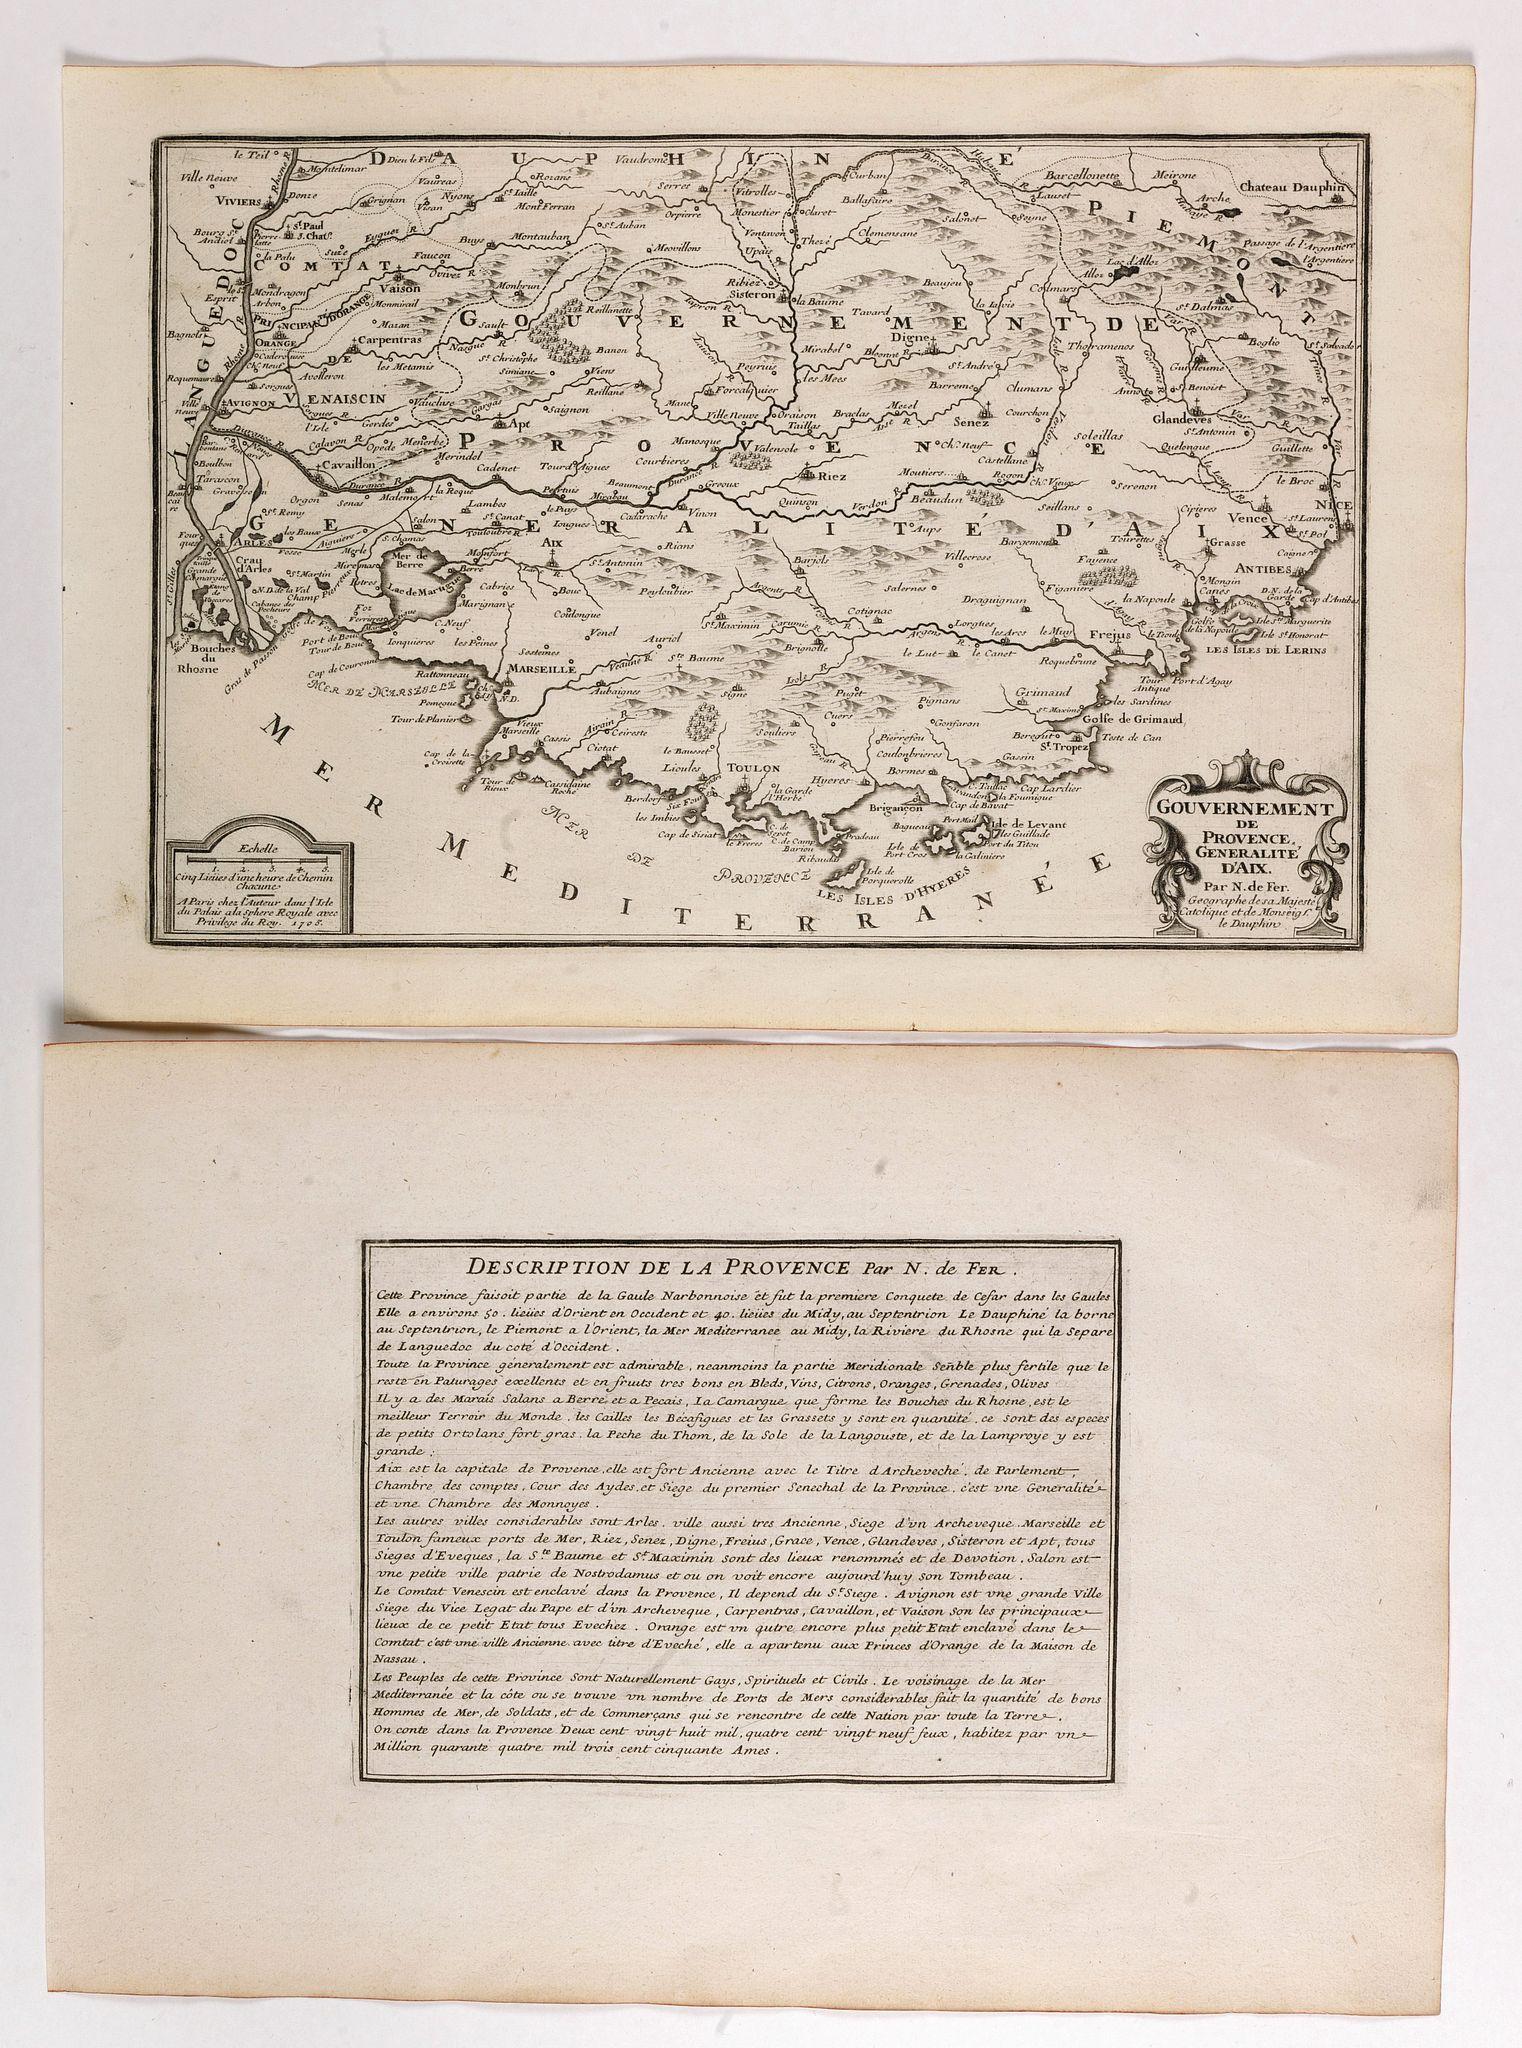 DE FER, N. -  Gouvernement de Provence, generalité d